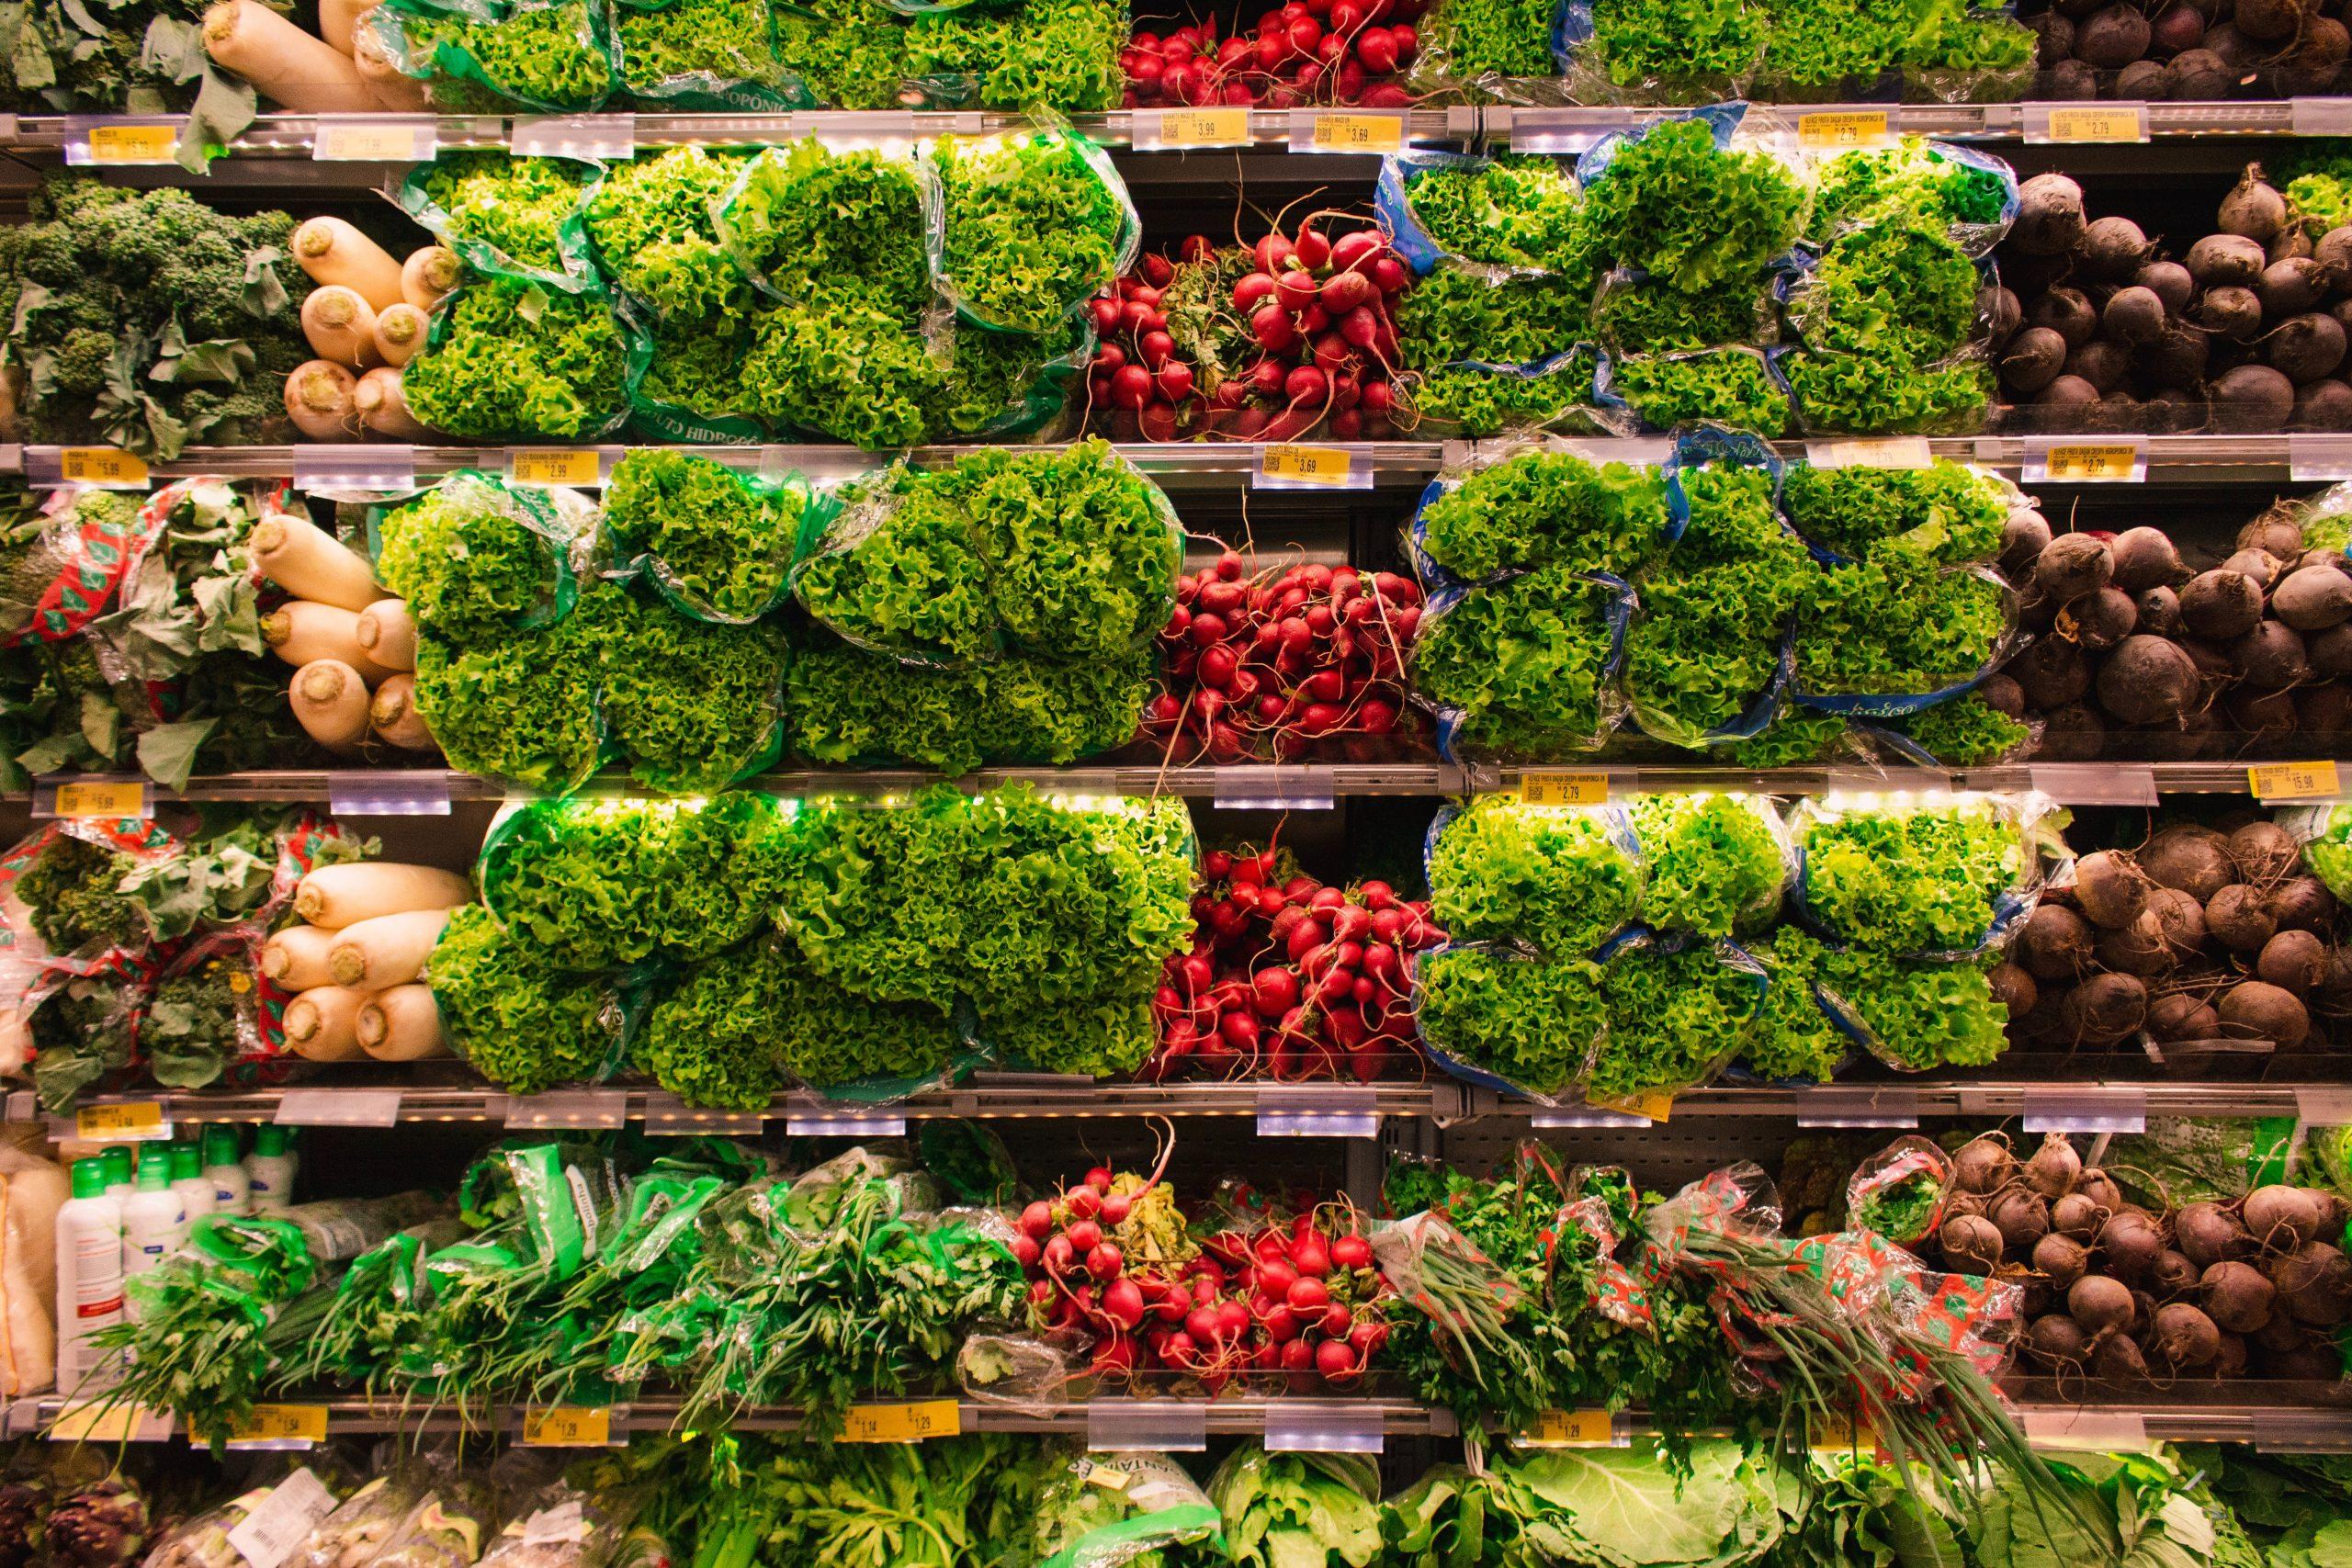 7 de octubre | El coste oculto de la comida barata | Ciclo #FairSustainableFood